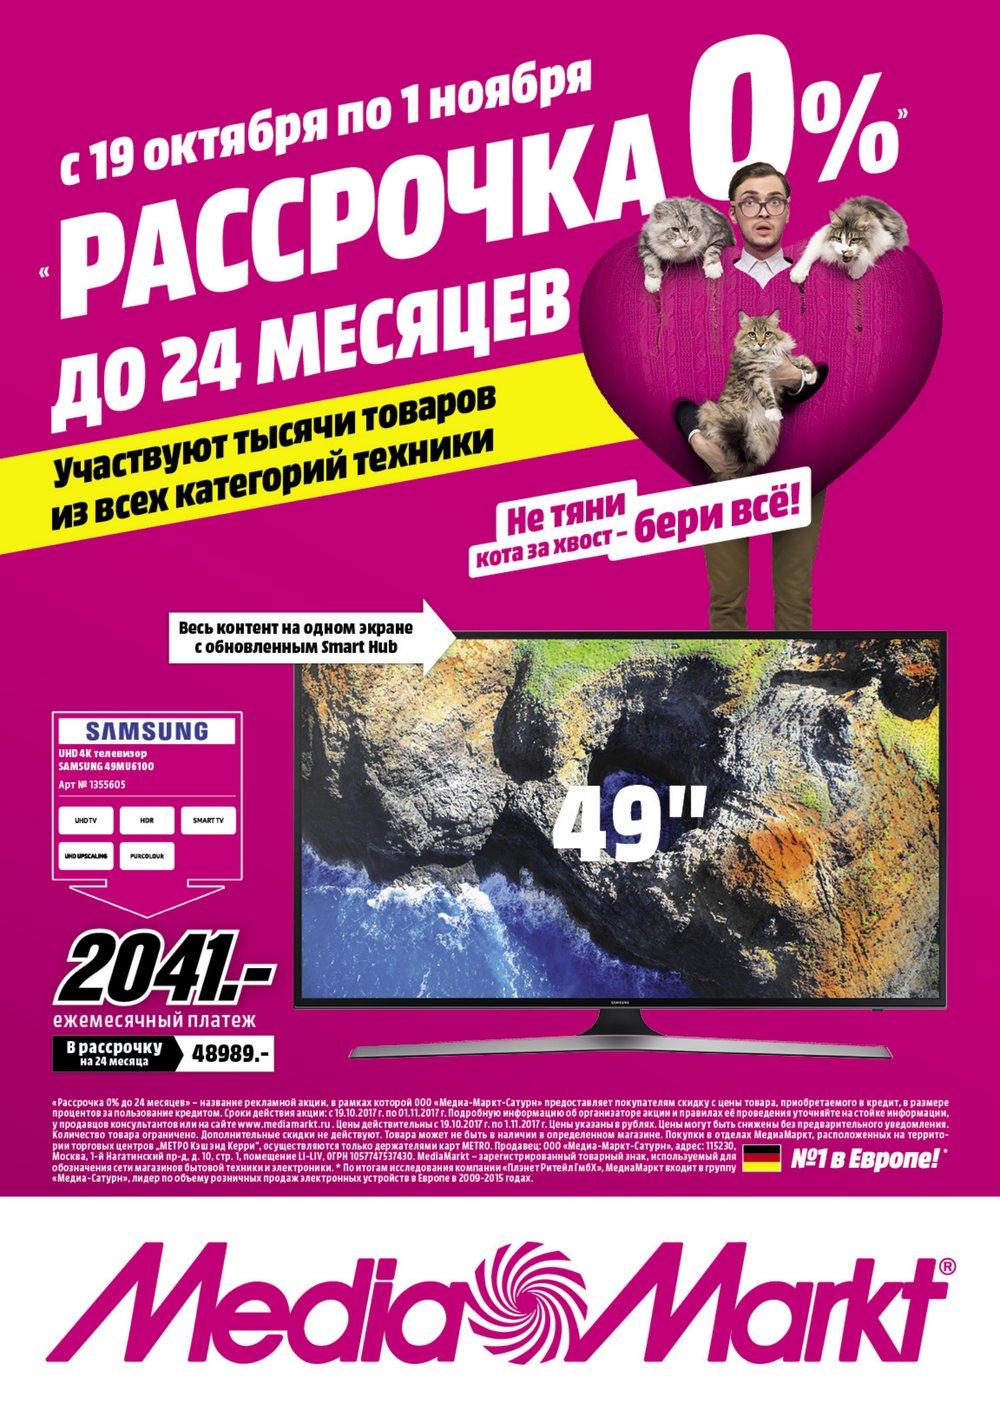 Каталог акций Media Markt с 19 октября по 1 ноября 2017 - стр. 1